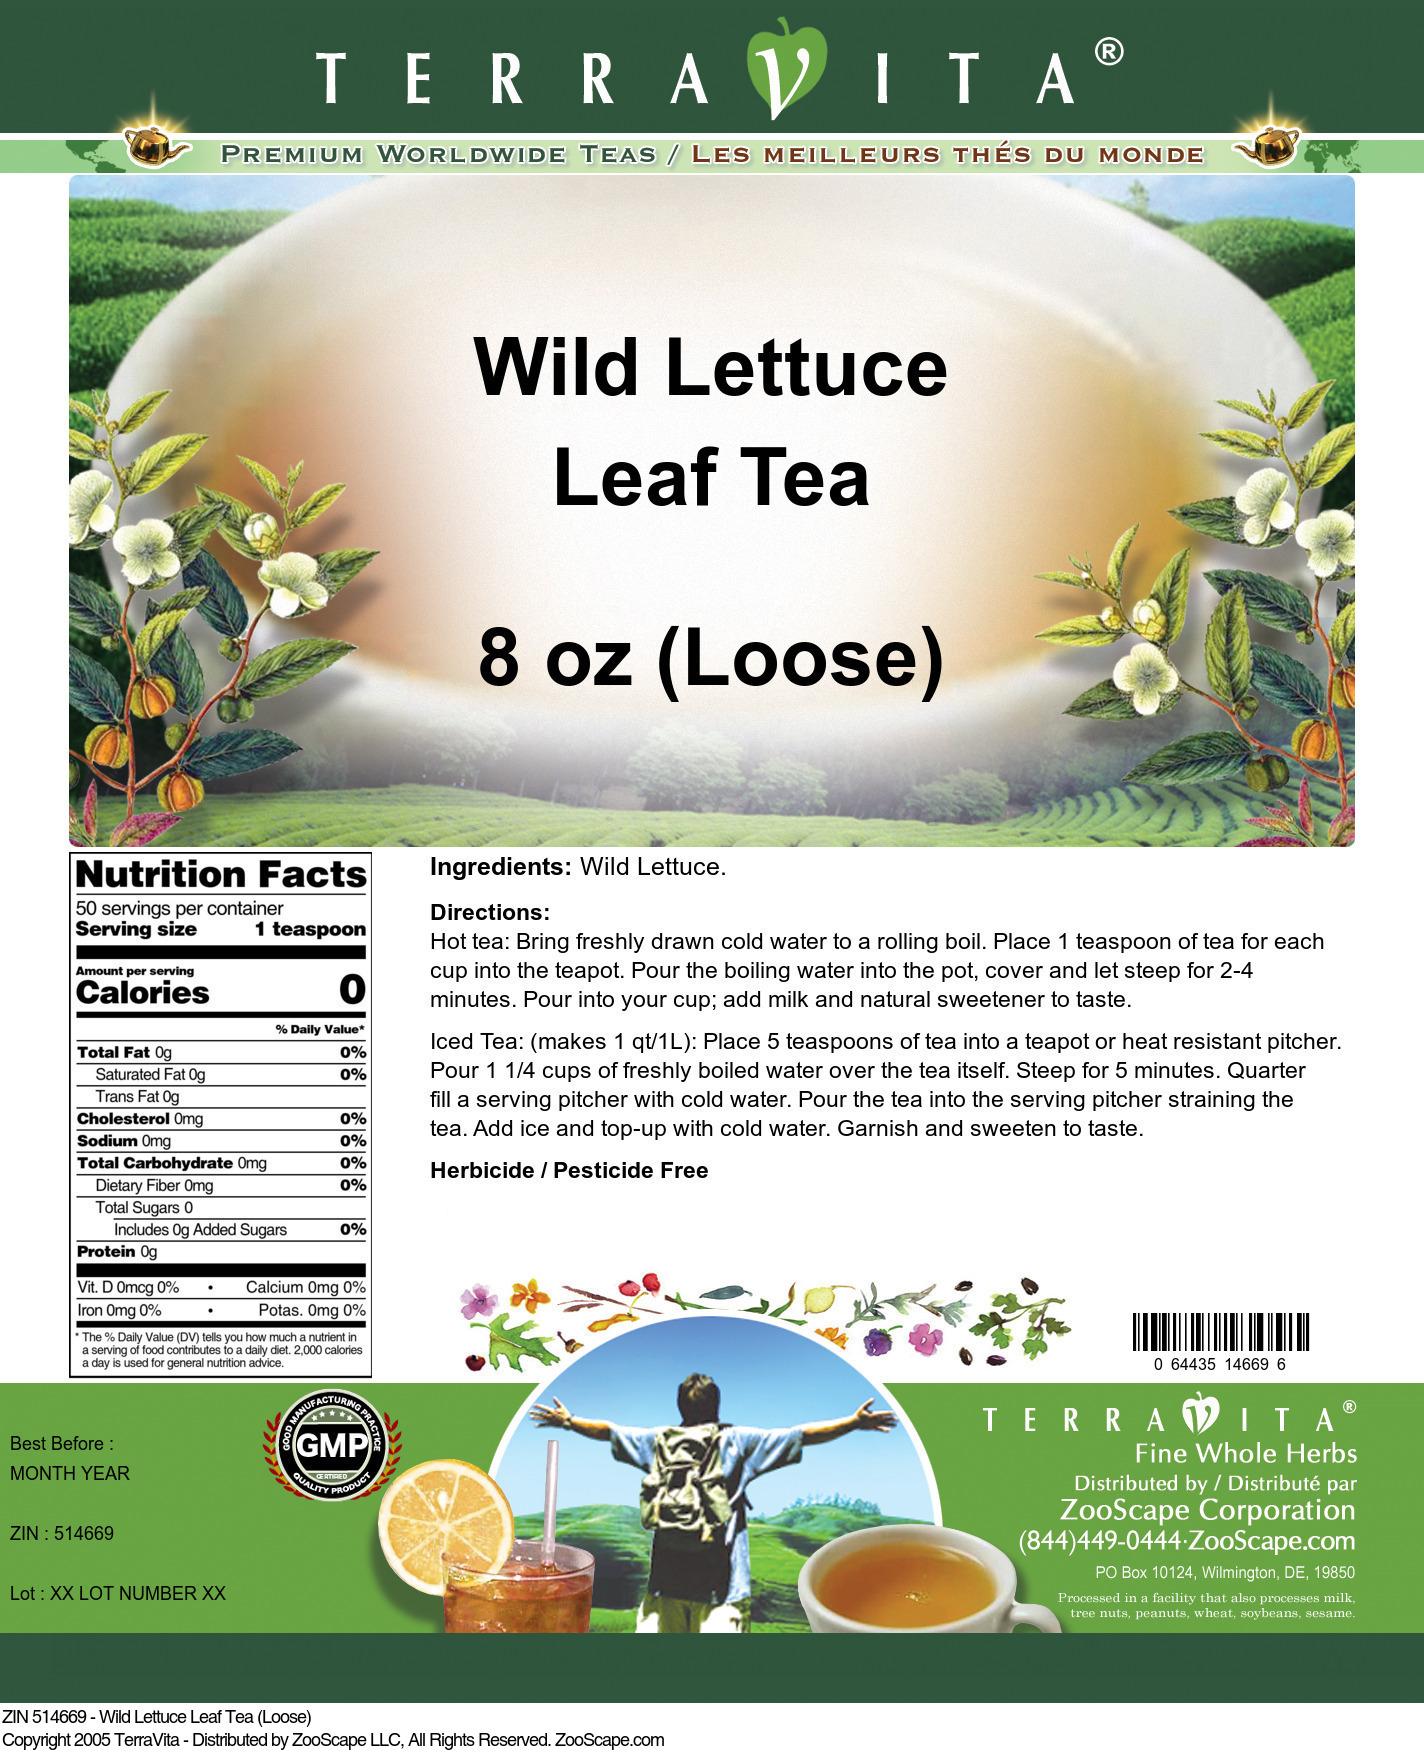 Wild Lettuce Leaf Tea (Loose)